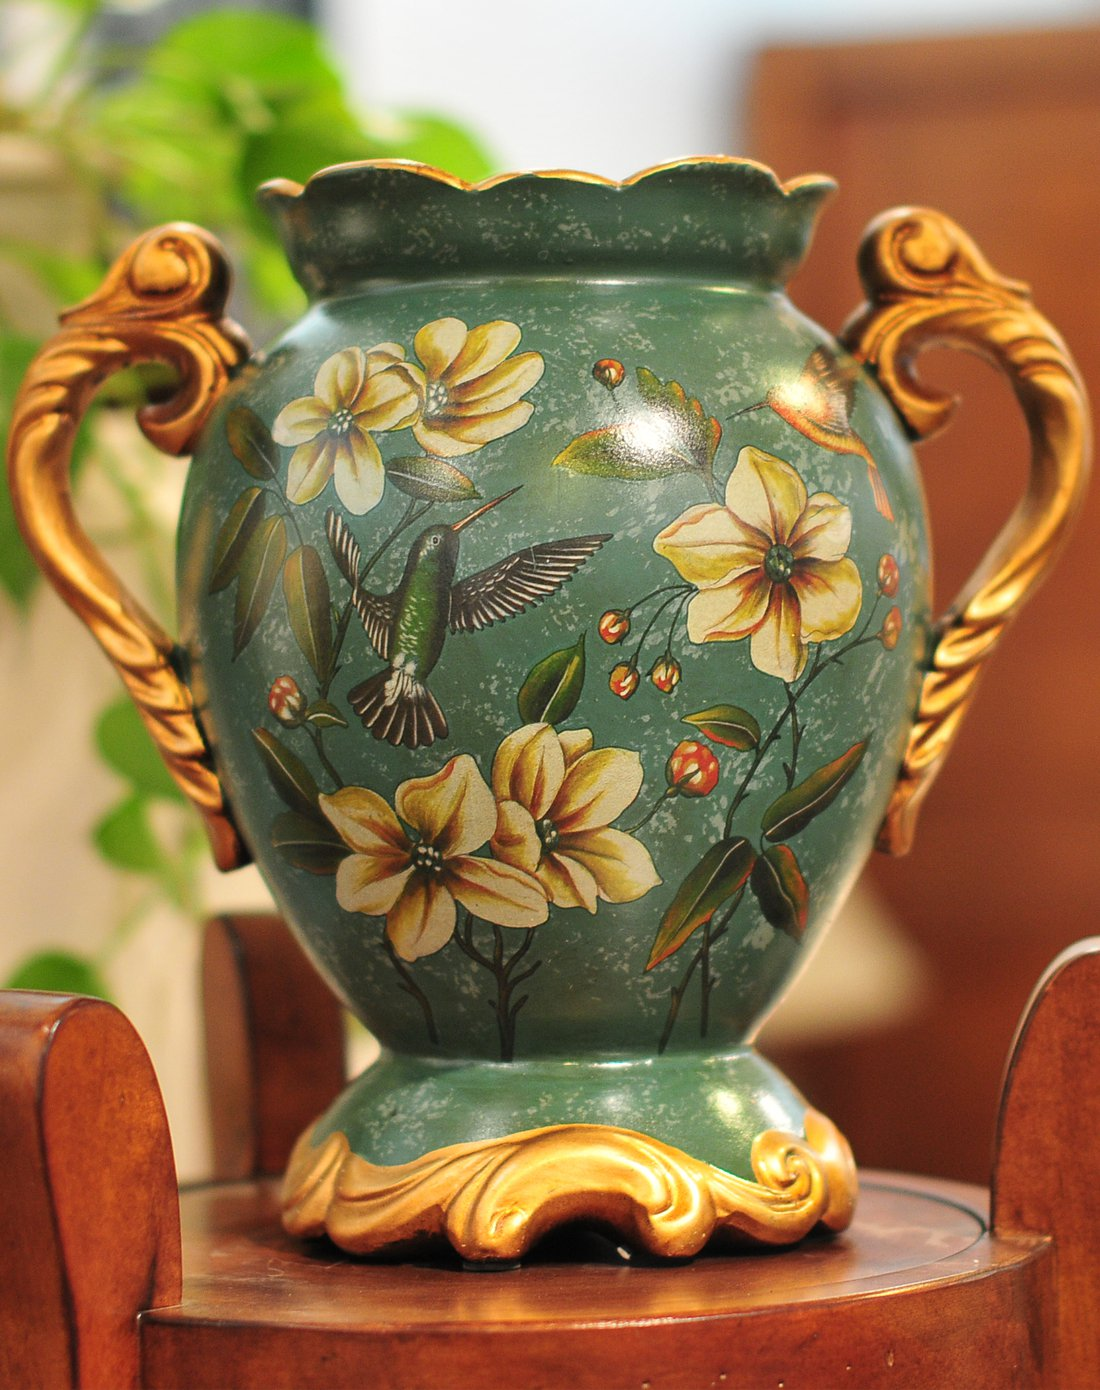 朵兰舍doolans欧式彩绘陶瓷双耳装饰花瓶摆件hqdw011